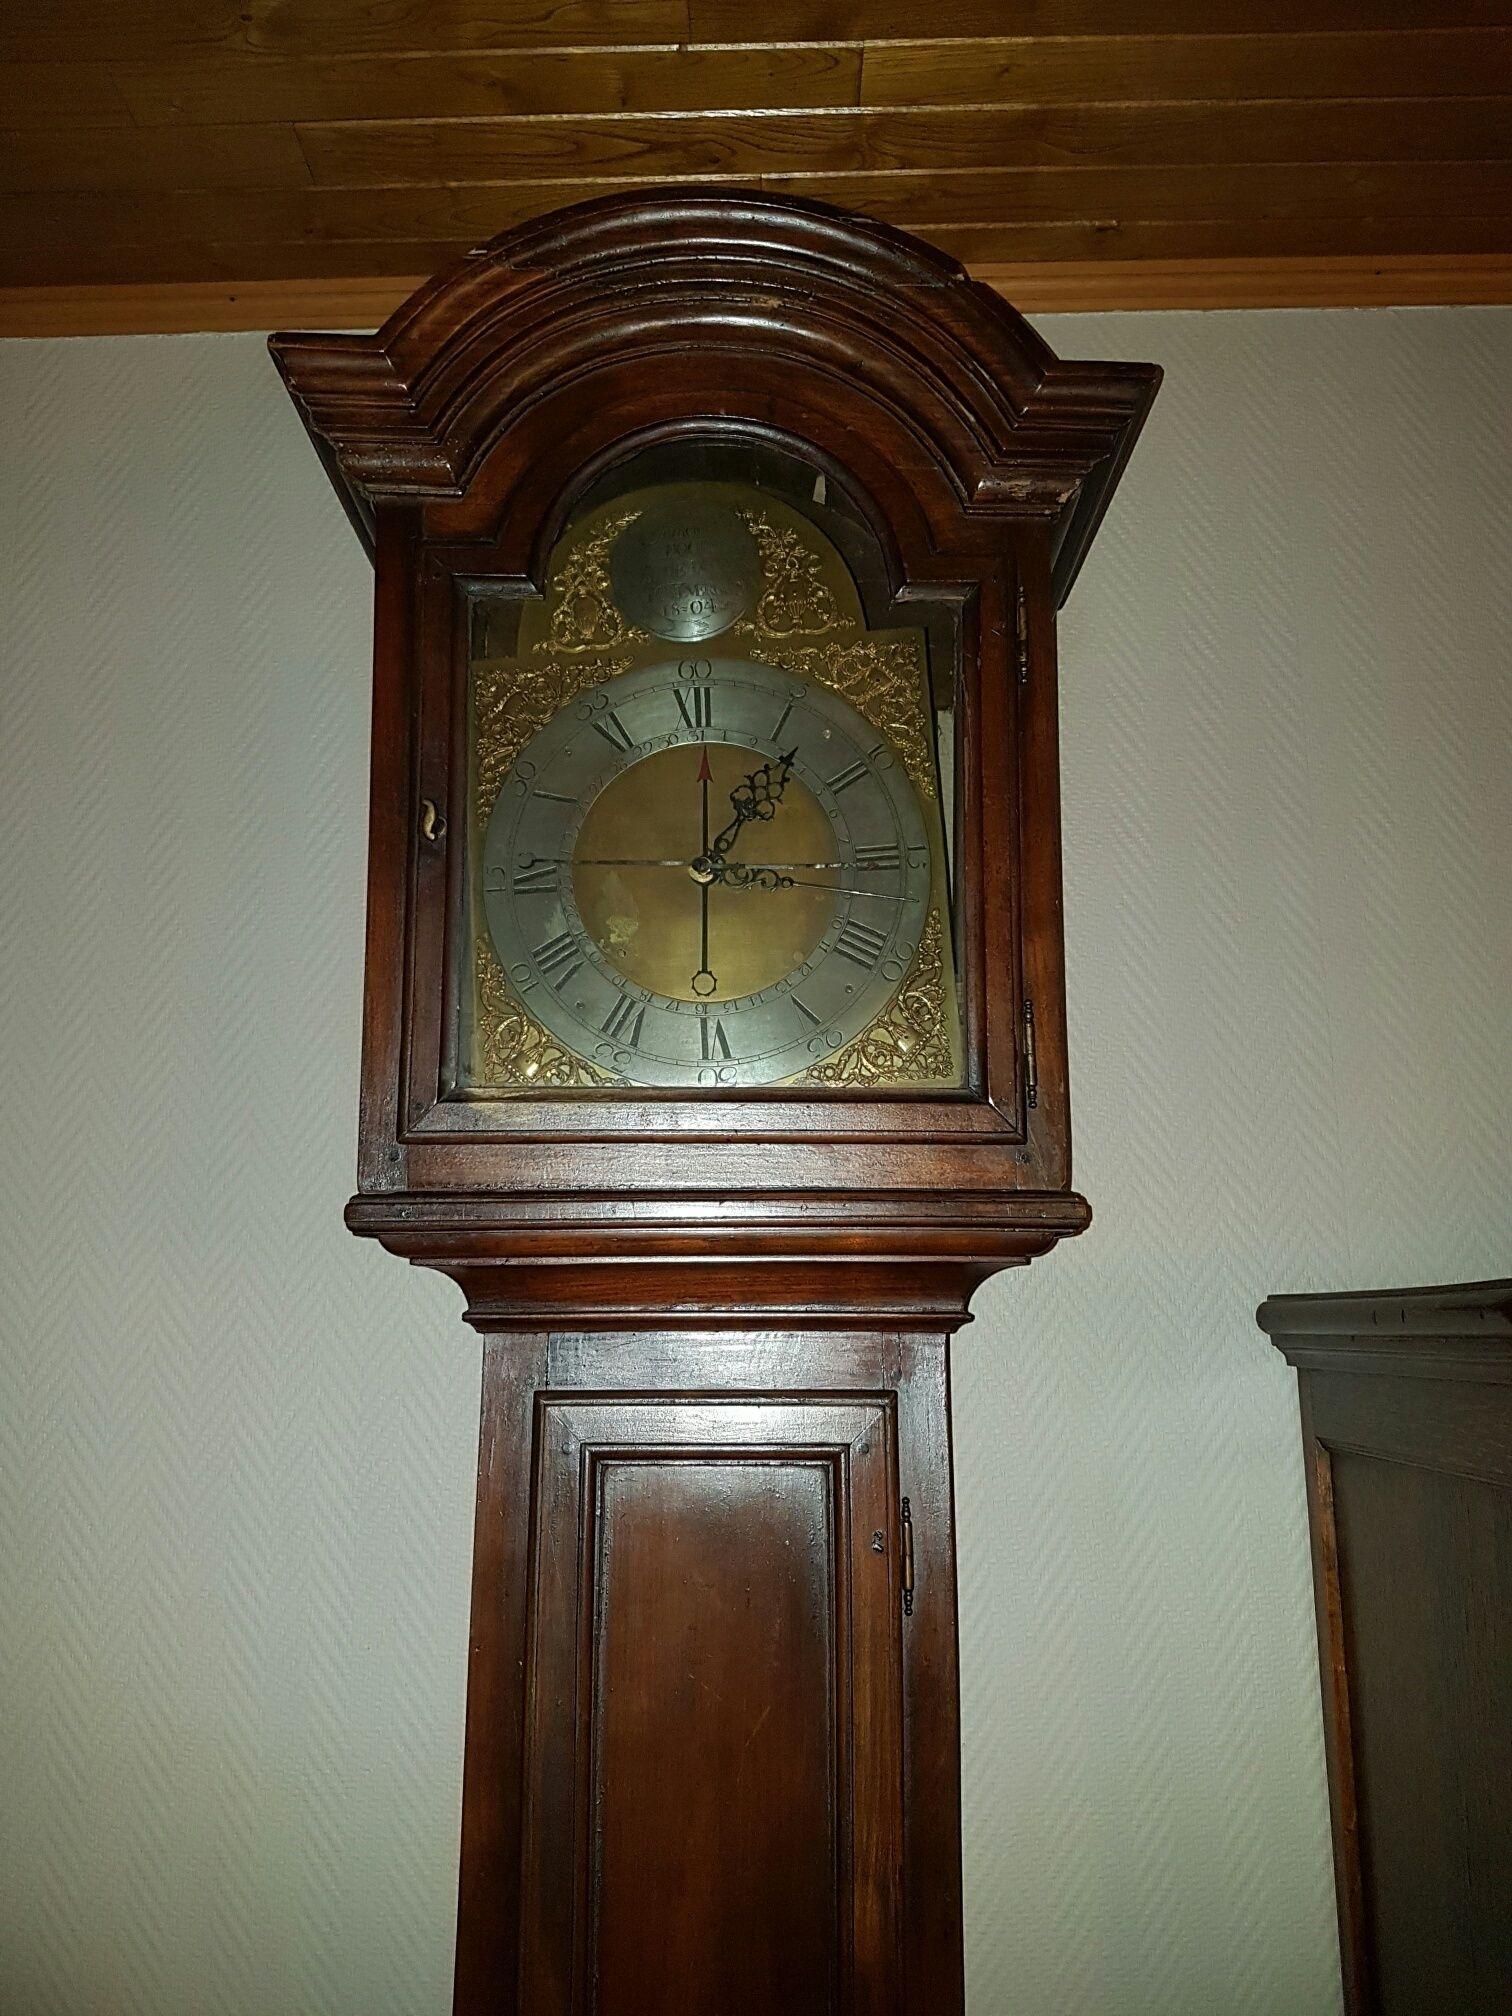 Beste Prijsschatting oude staande klok - Vintage Horlogeforum DM-52